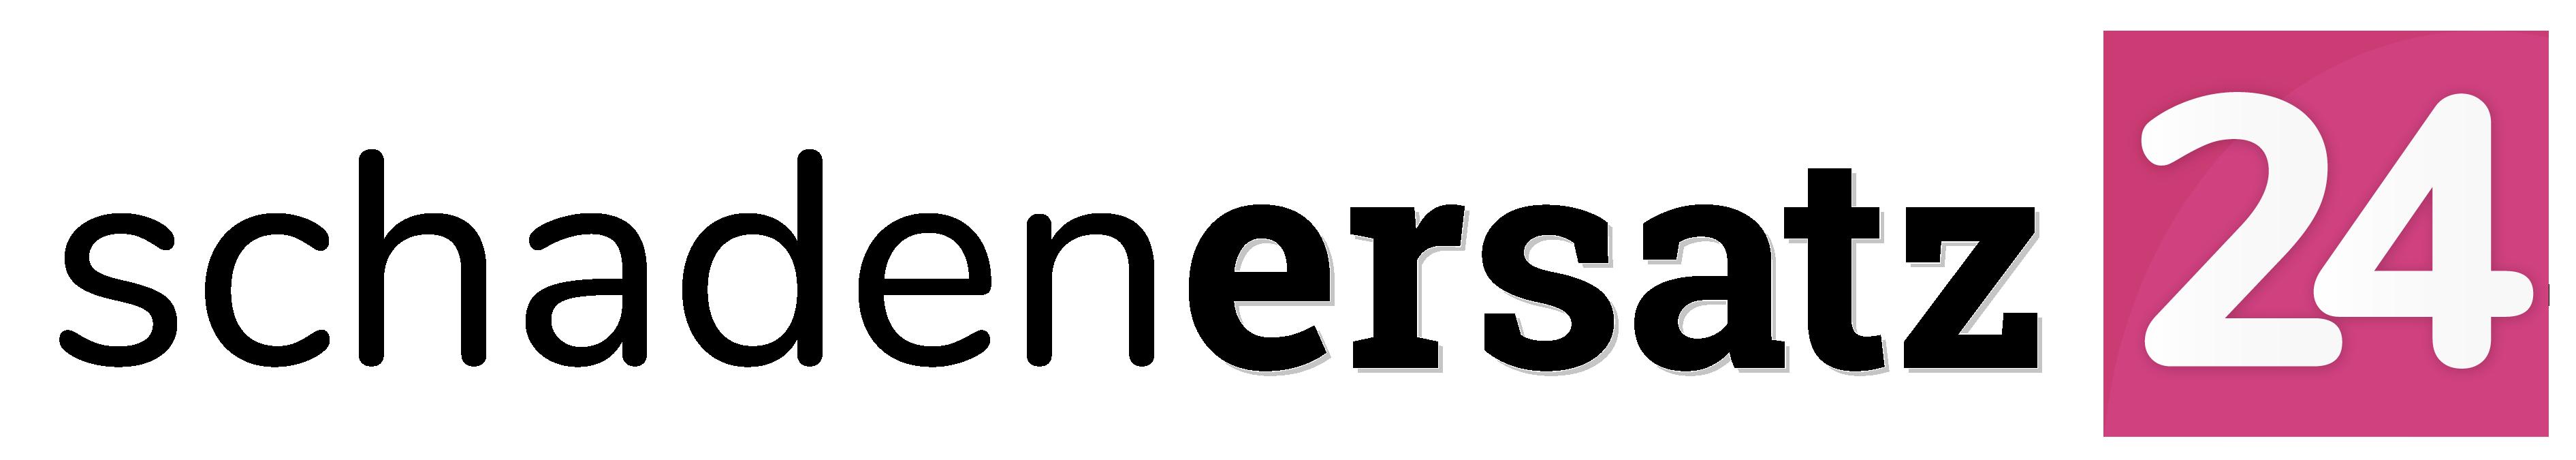 Schadenersatz24-logo-retina